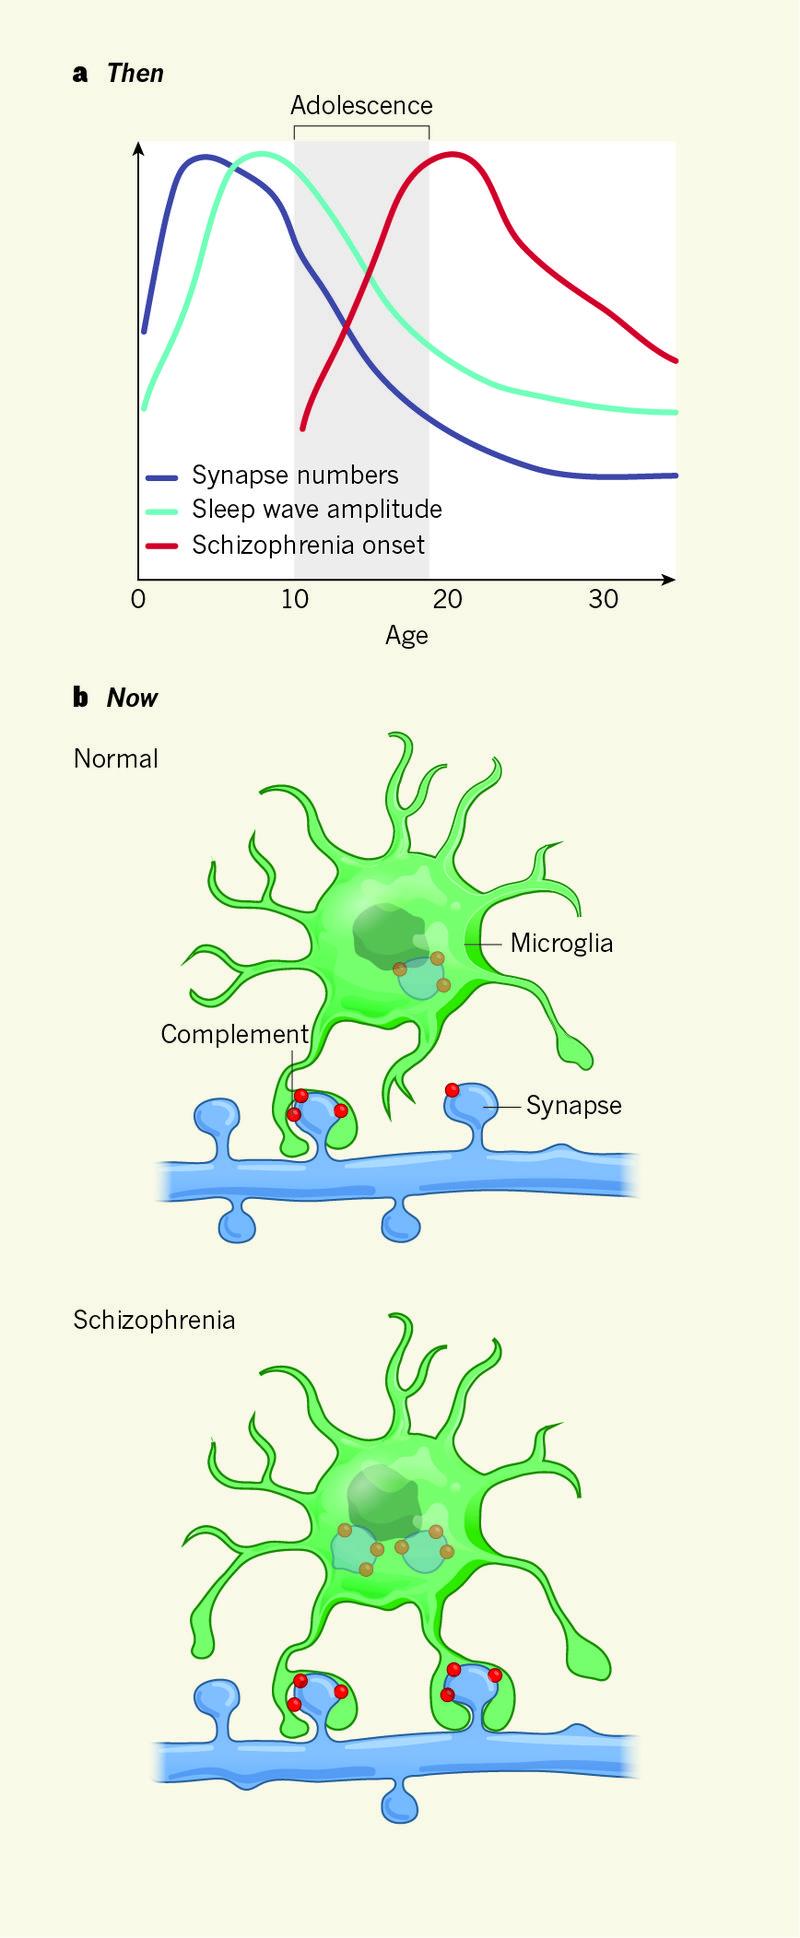 1983년 가지치기 가설이 나오고 30여 년이 지나는 사이 이를 지지하는 연구결과가 쌓이면서 확고한 위상을 얻었다. 위의 그래프는 1983년 당시 연구결과를 요약한 것으로 나이에 따른 수면파 진폭(하늘색)과 시냅스 수(보라색), 조현병 발병 시기(빨간색)의 관계에서 추론해 이 가설이 나왔음을 보여준다. 아래는 조현병 관련 유전자를 규명한 결과 제시된 메커니즘으로 보체 단백질(빨간색)이 너무 많이 만들어질 경우 마이크로글리아가 수상돌기 가시(시냅스)를 과도하게 없앤다. - '네이처' 제공